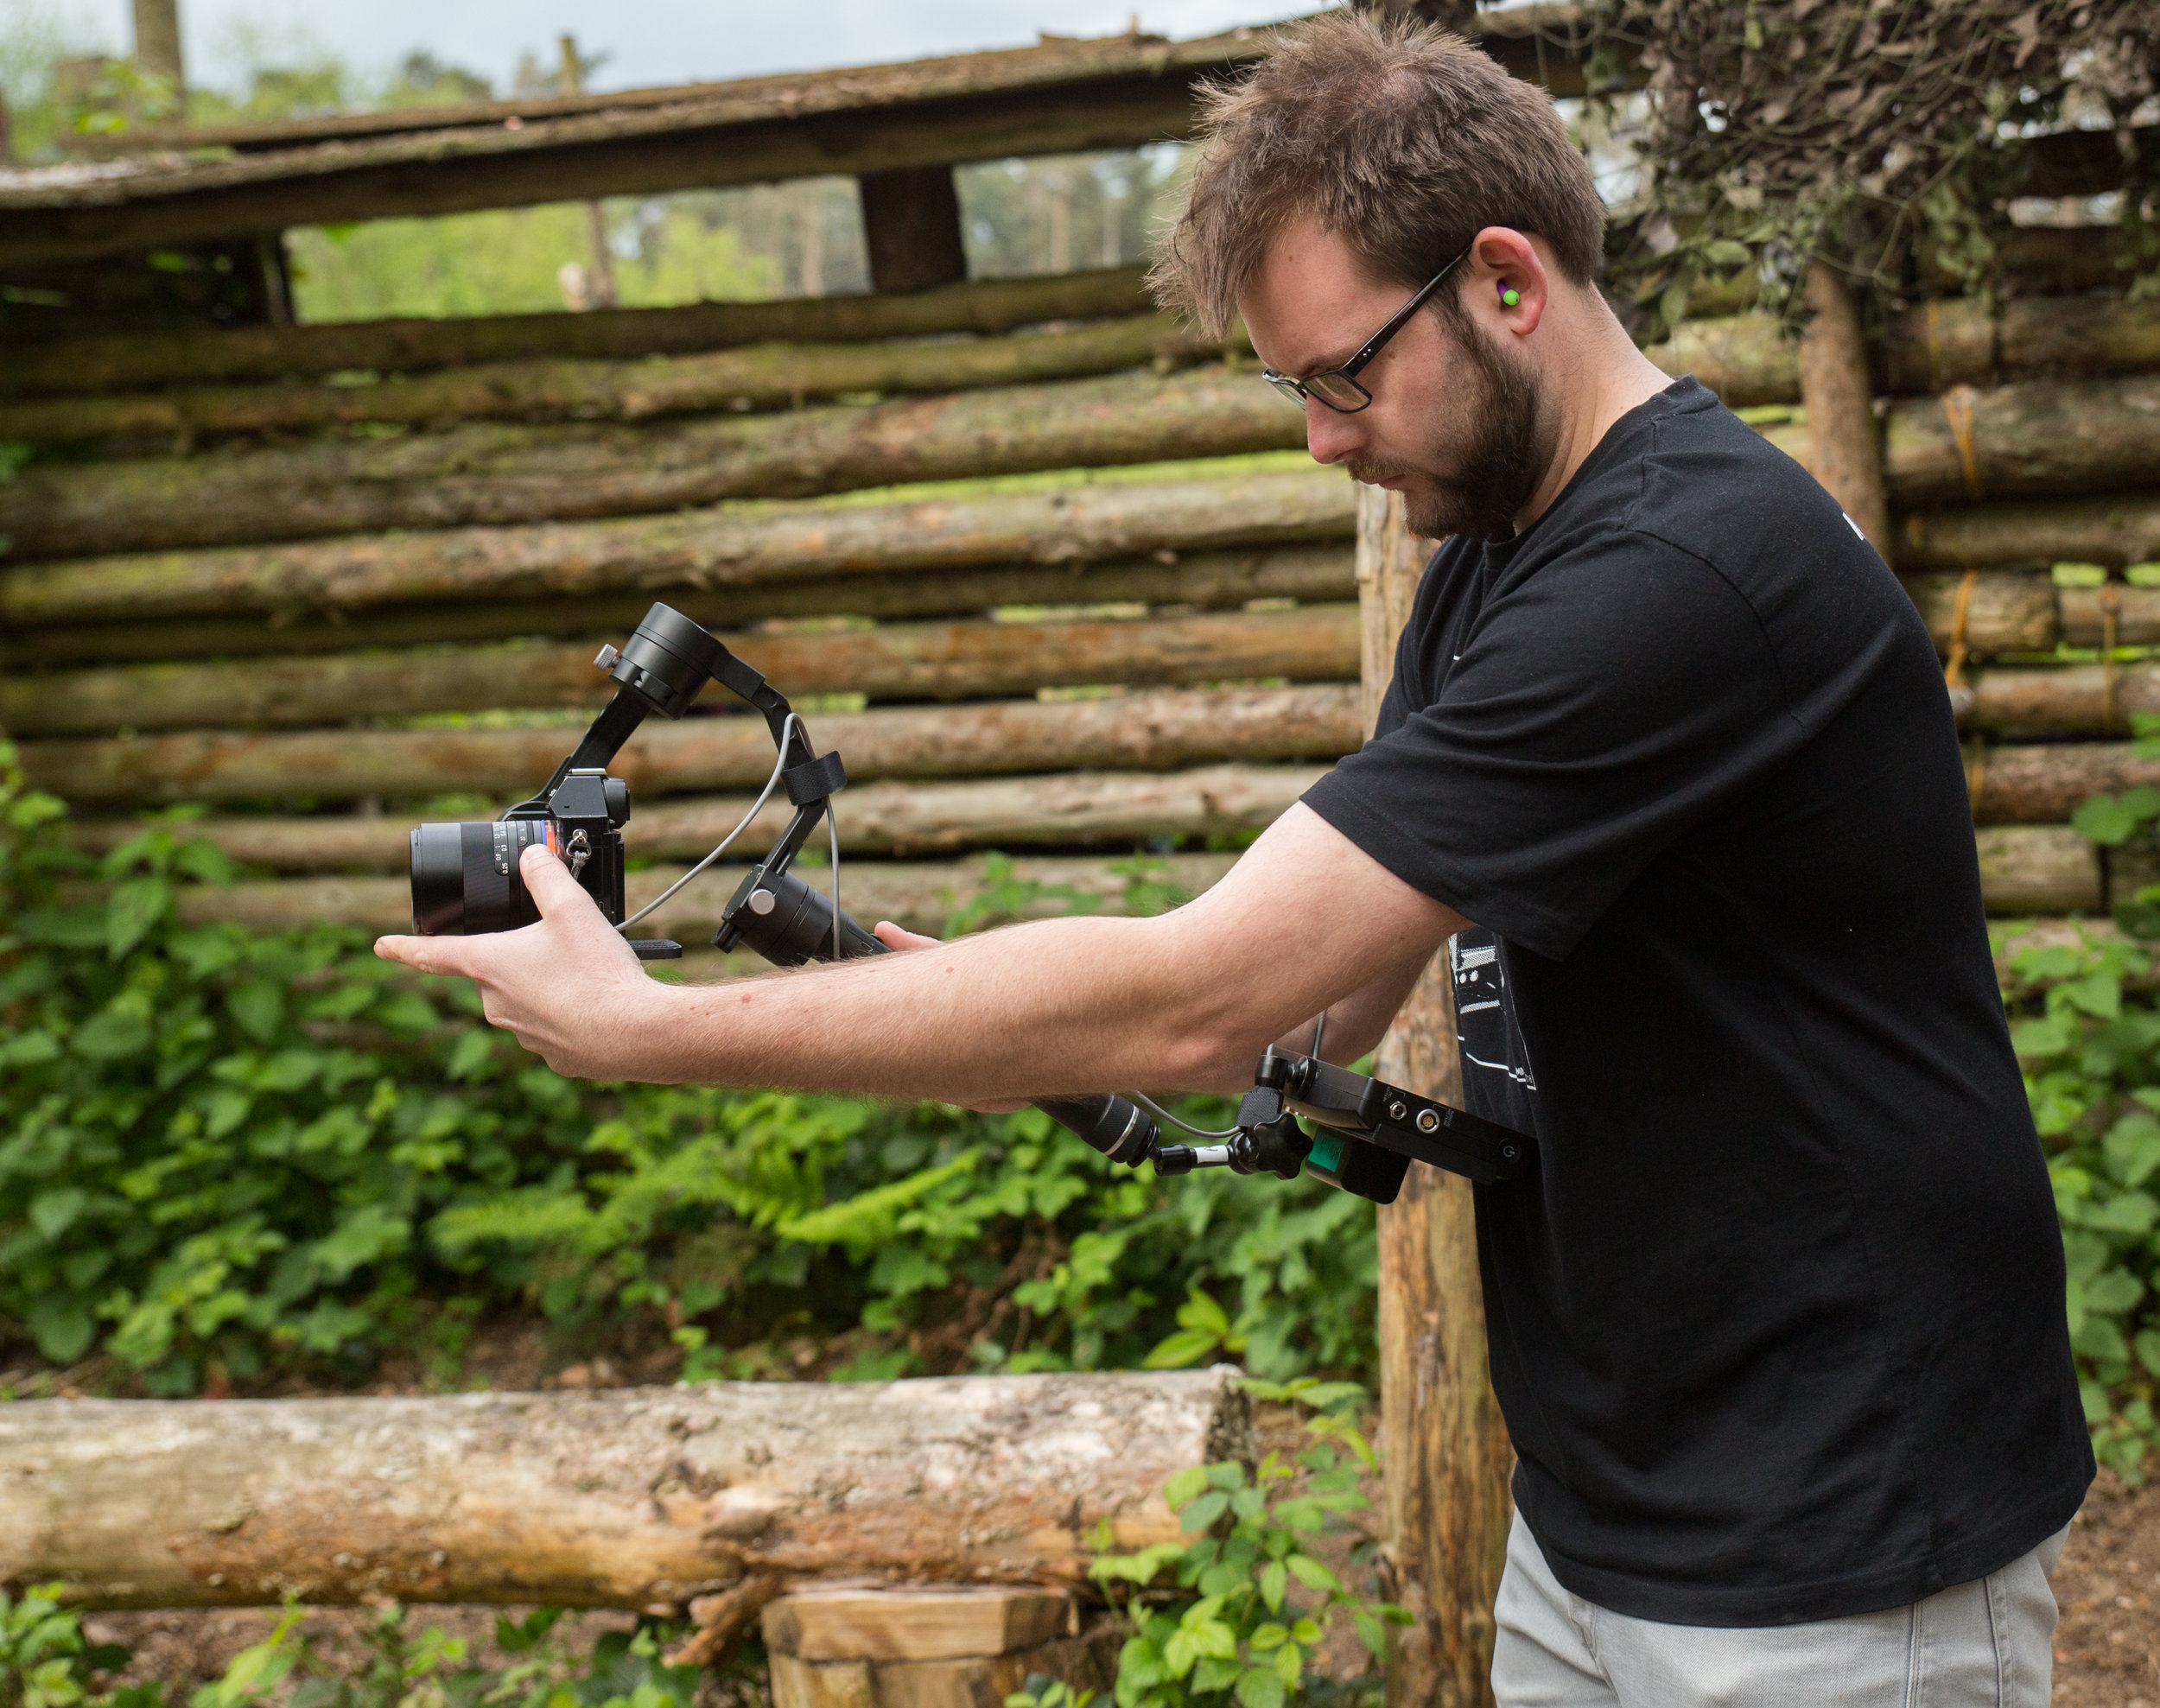 Adam Plowden framing and focusing on the Zhiyun Crane, Sony a7S, ZEISS Loxia 2.8/21 prime lens, Atomos Shogun